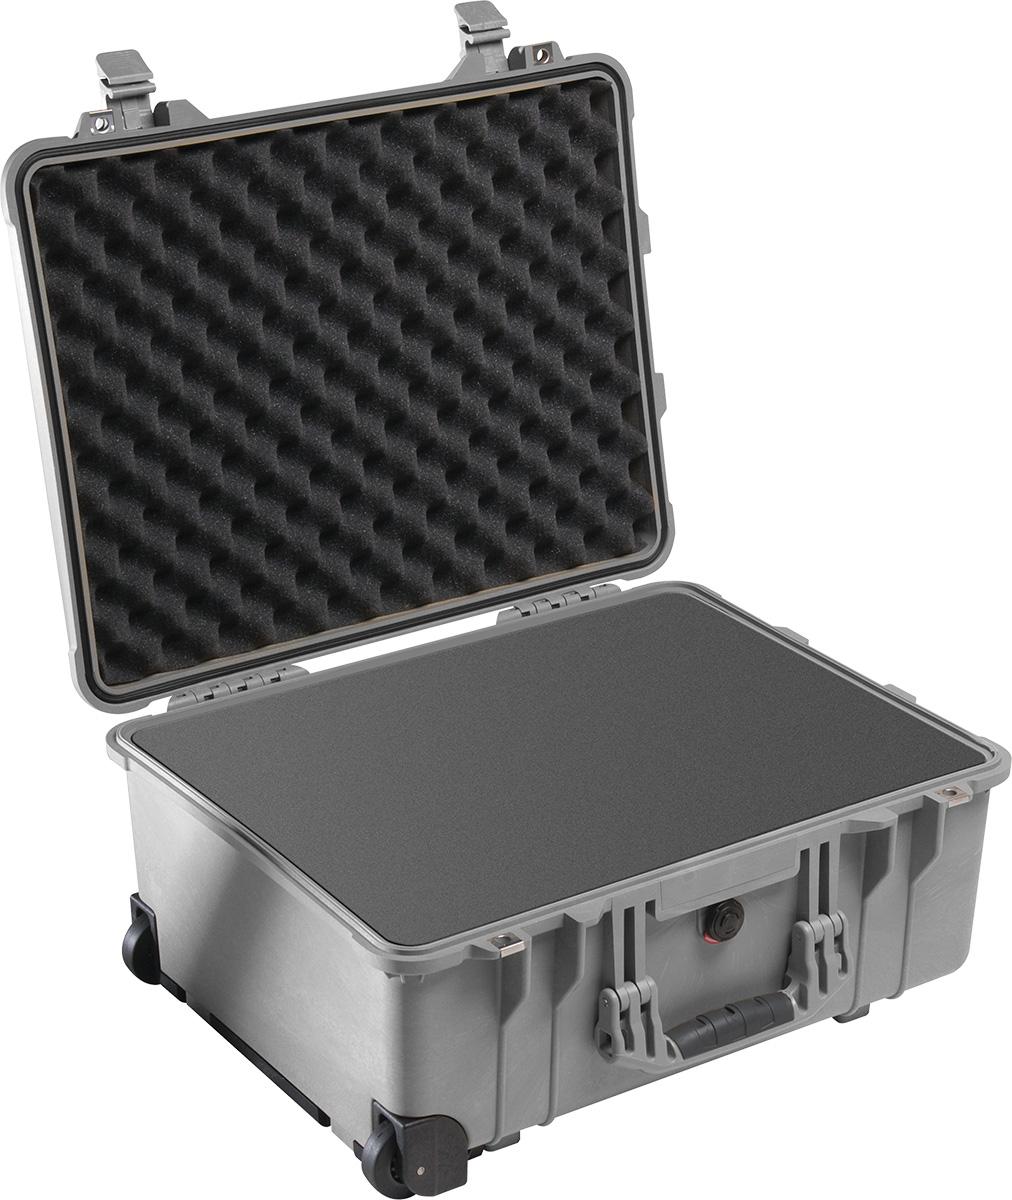 pelican 1560 protector silver foam case